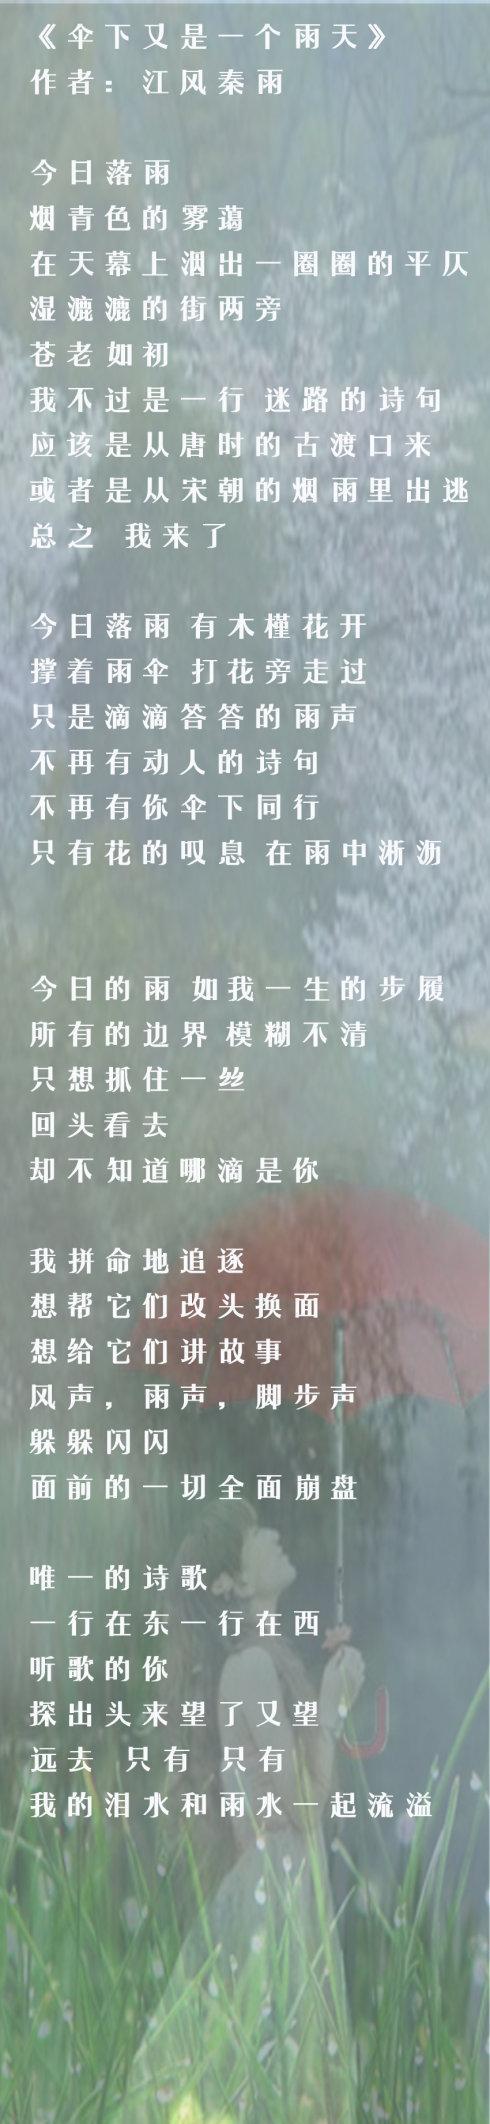 伞下又是一个雨天-赵默(MP3歌词/LRC歌词)